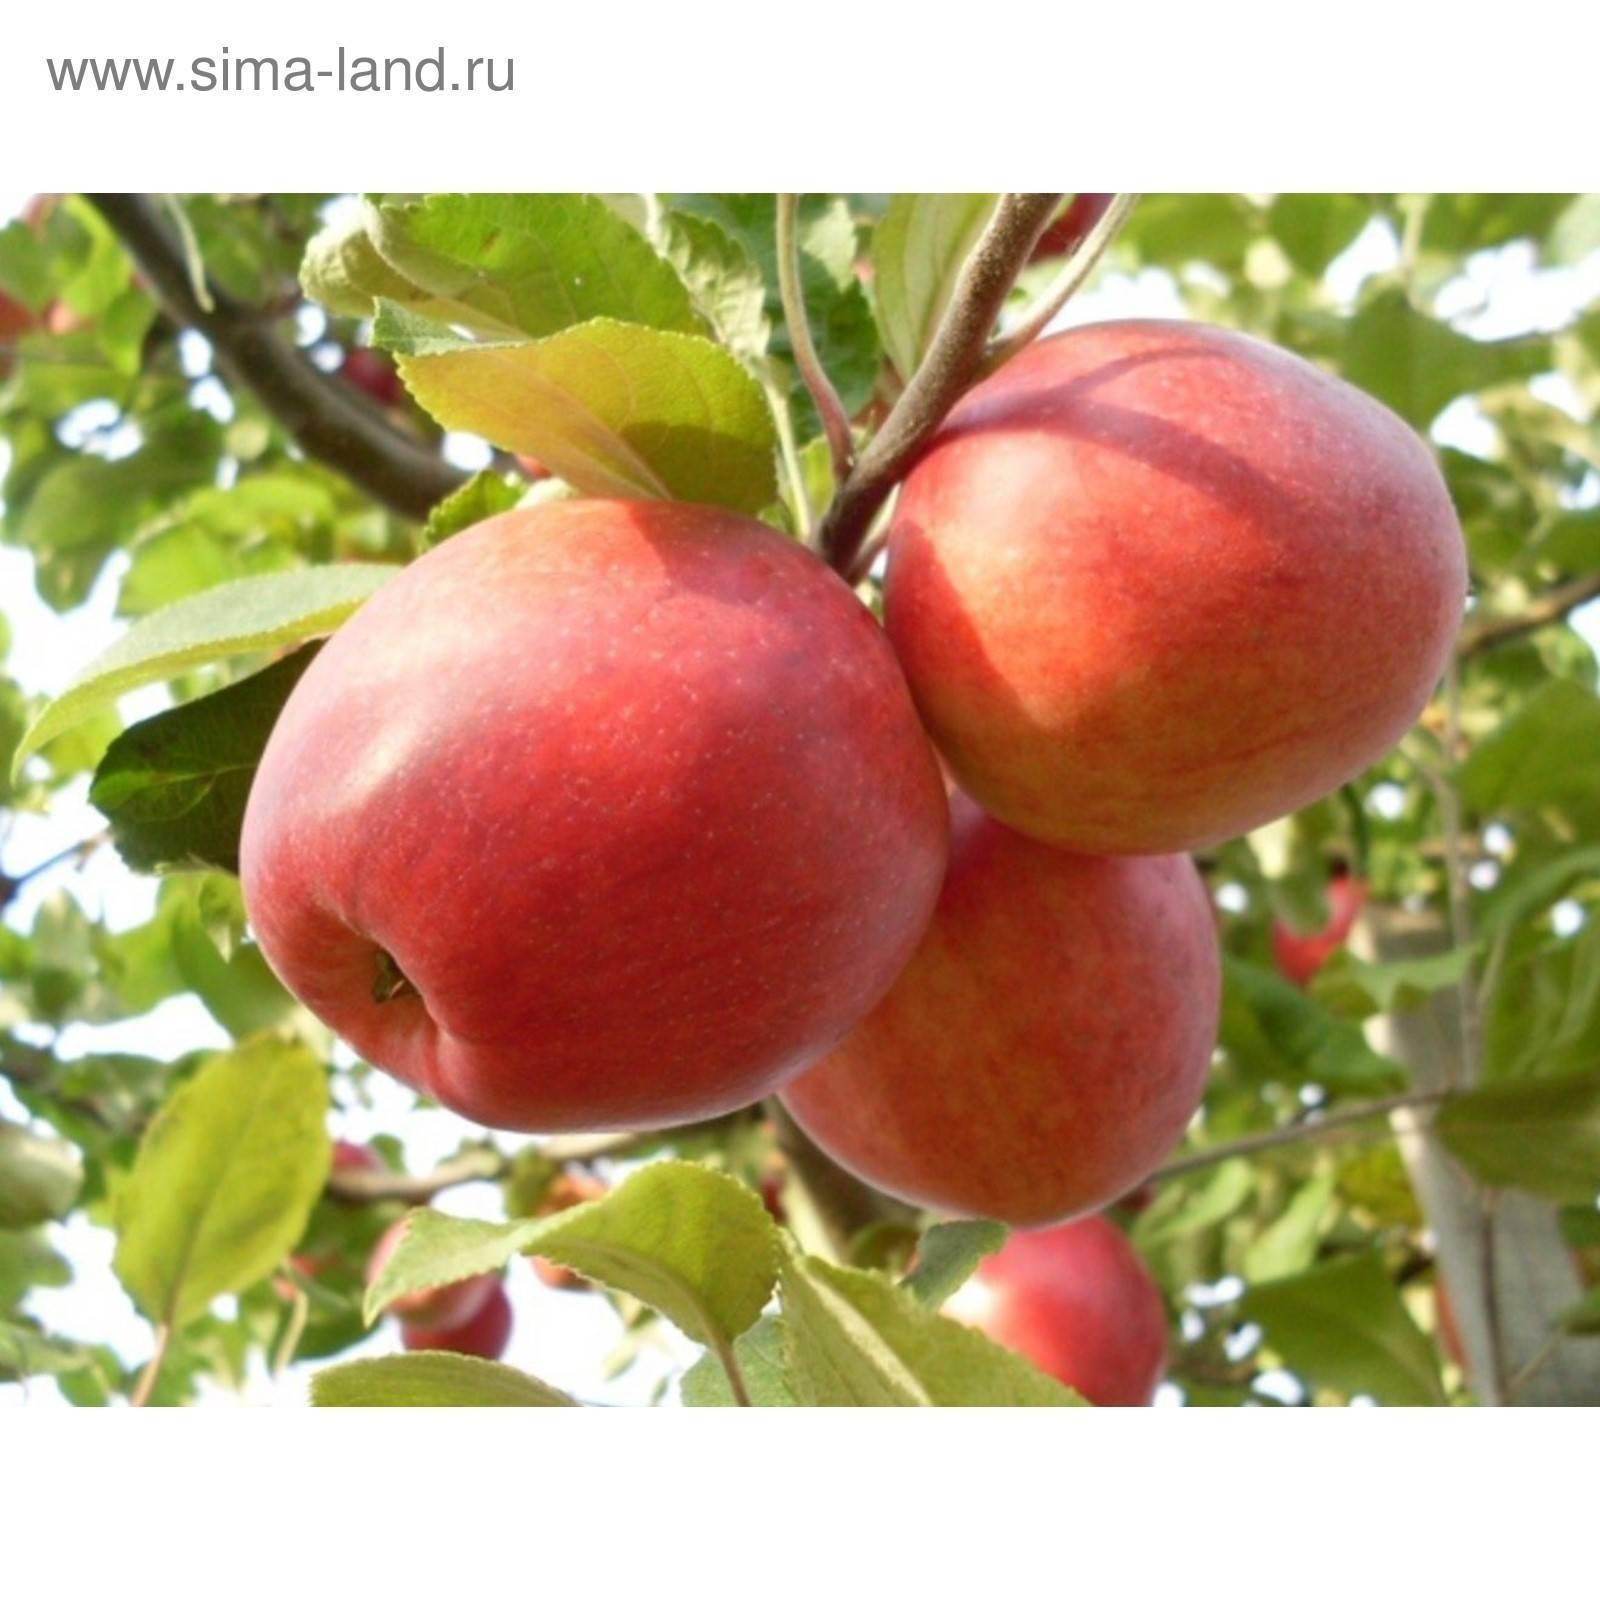 Яблоки пепин шафранный описание фото